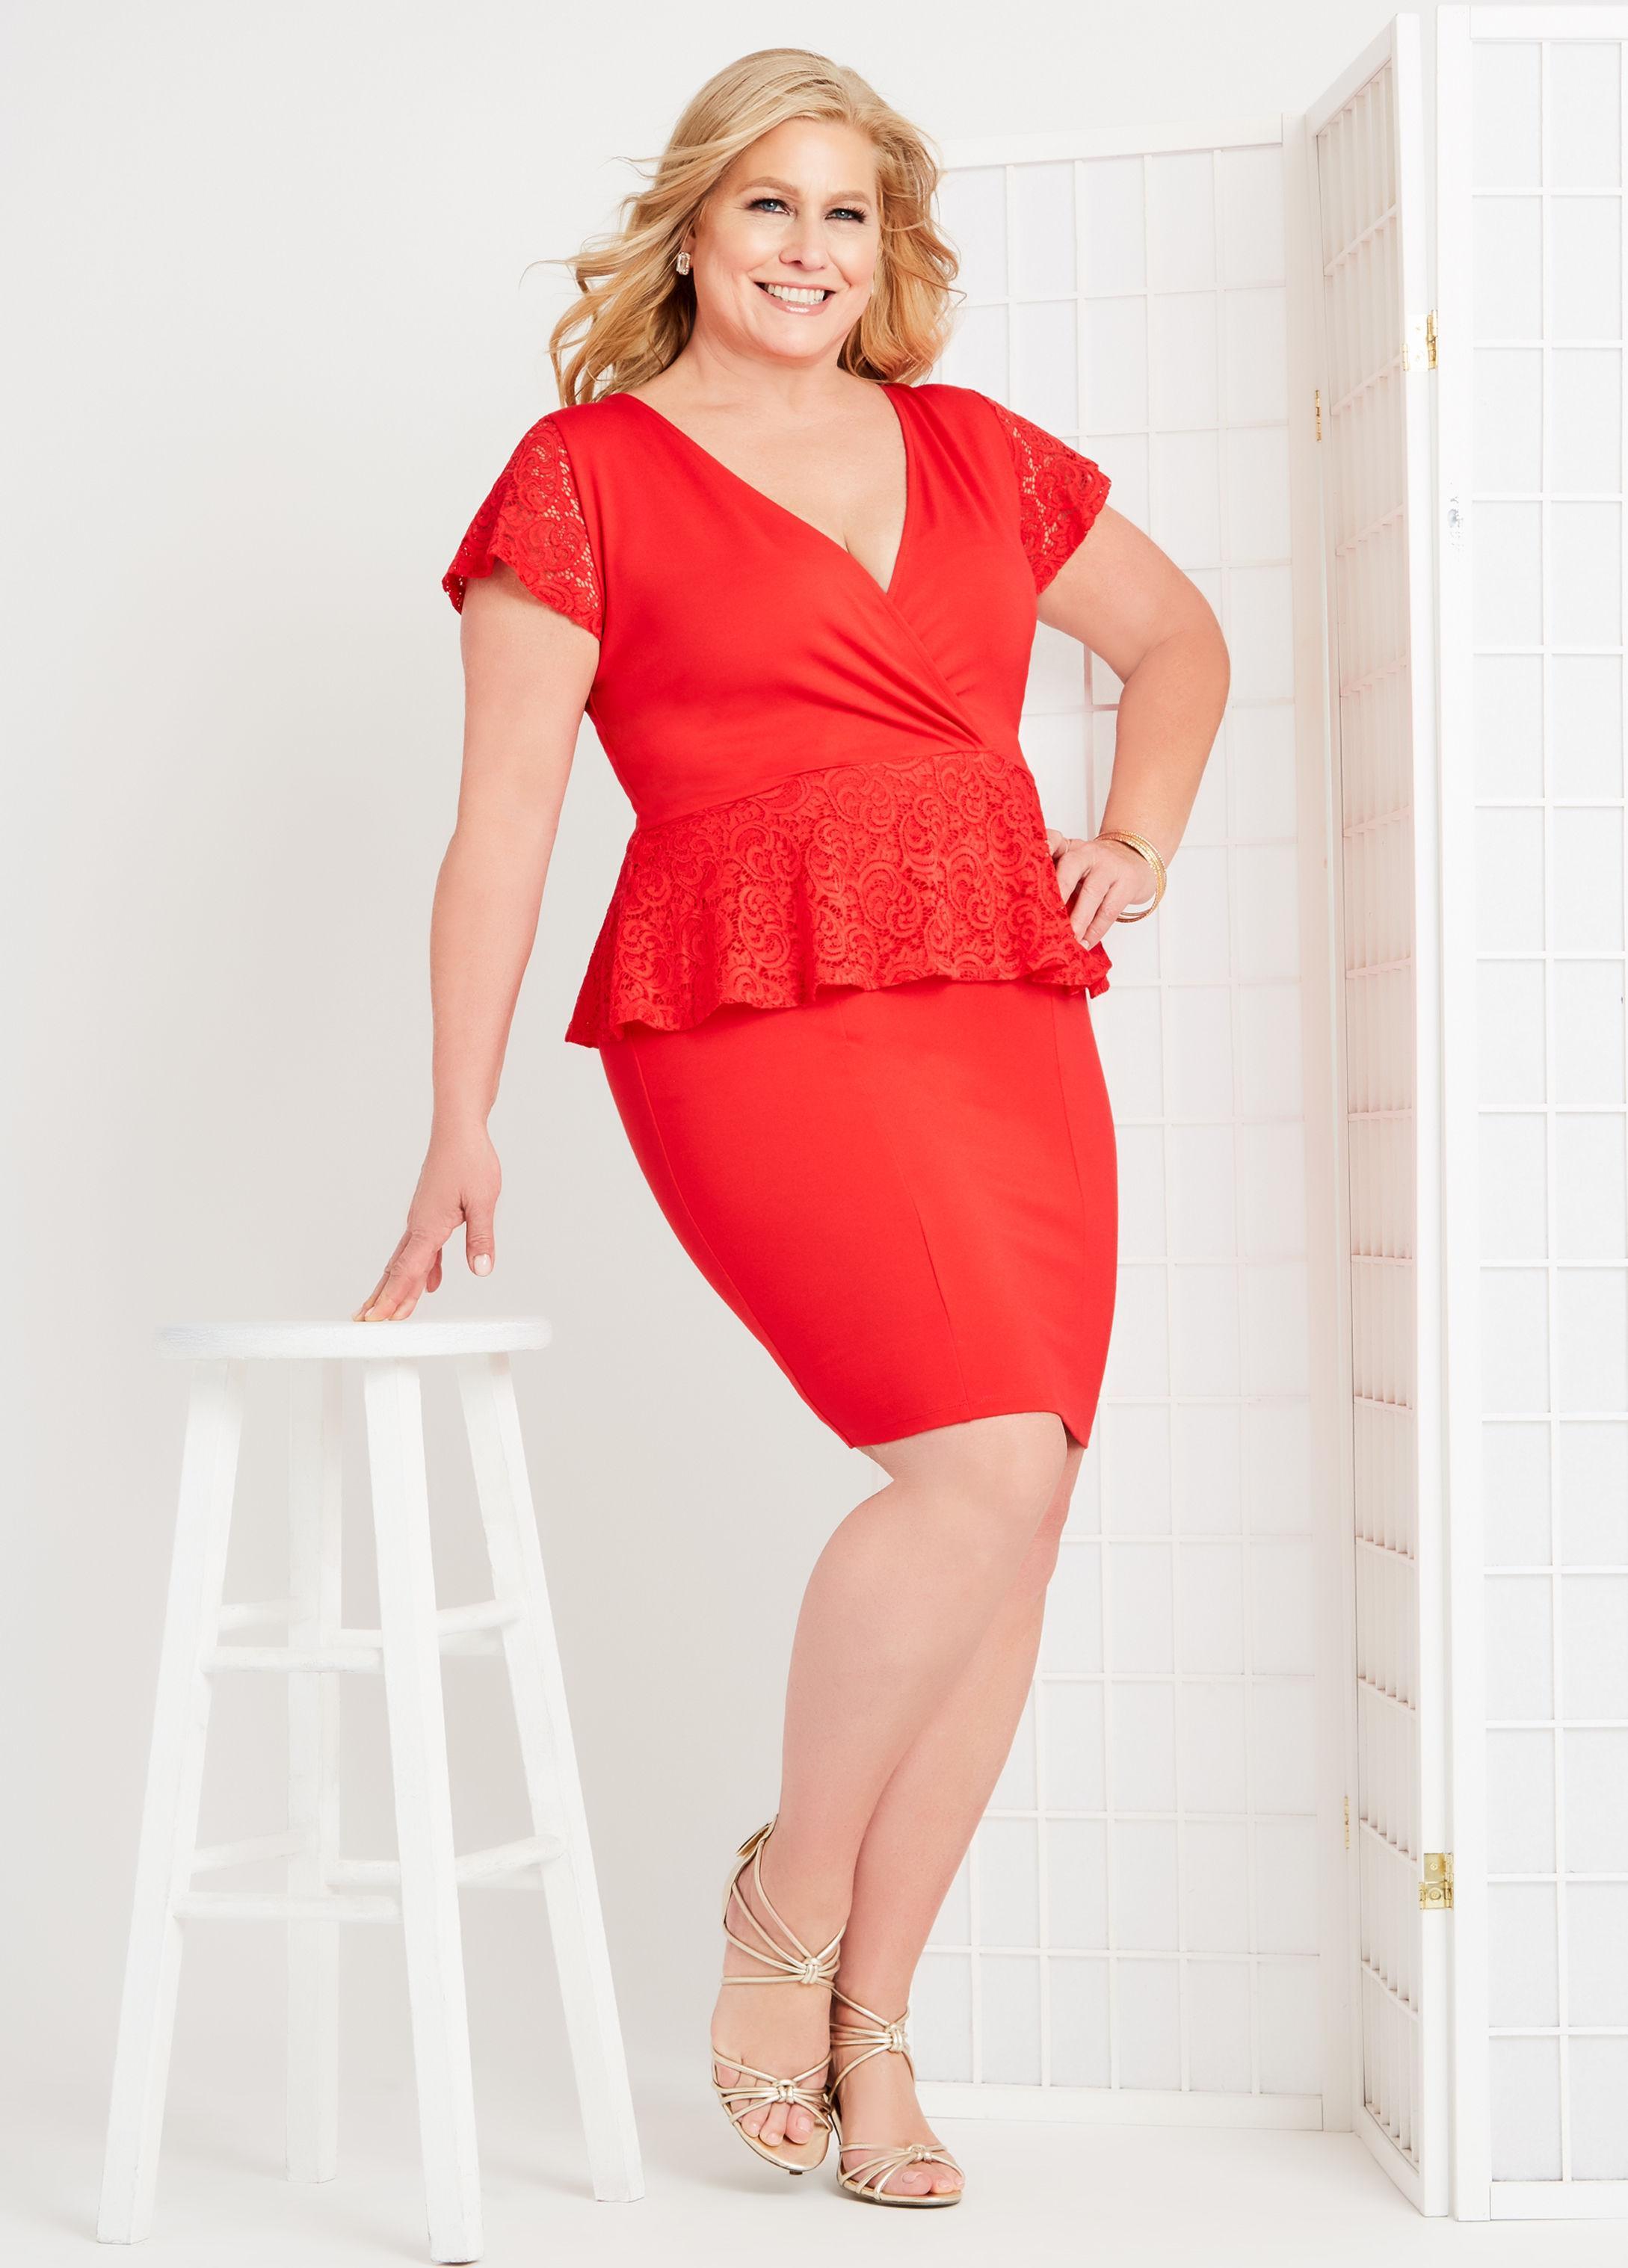 18c1b79f693f9 Ashley Stewart. Women s Red Plus Size Fashion Without Limits By Emme® Lace  Peplum Dress